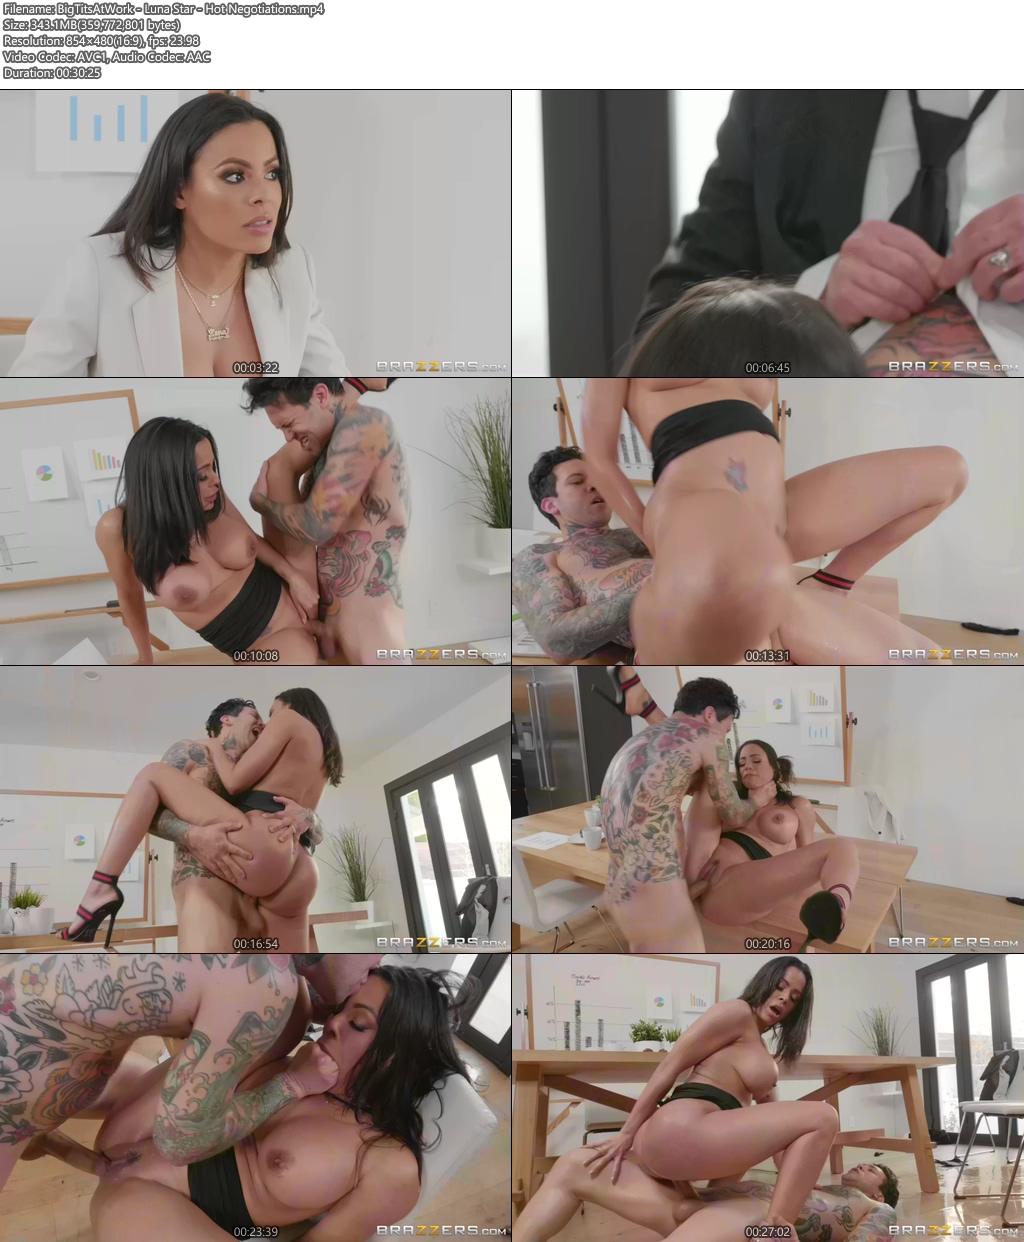 [18+] BigTitsAtWork - Luna Star Sex Video - Hot Negotiations XXX Screenshot